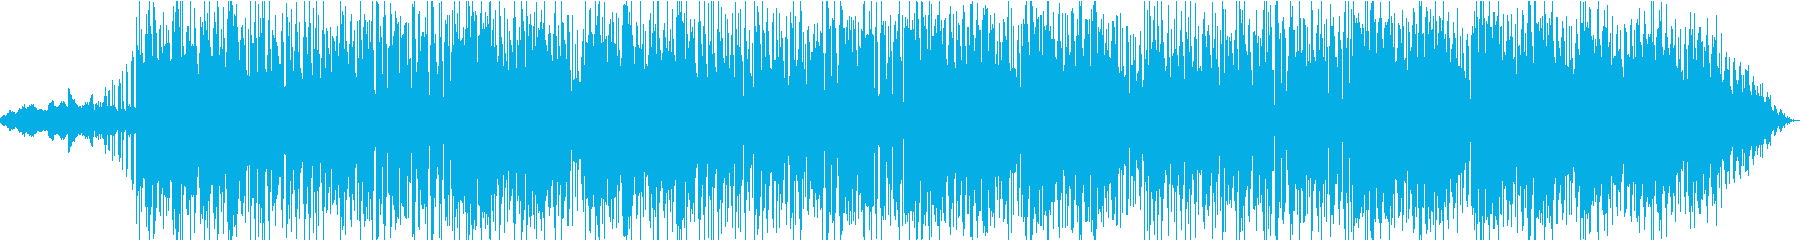 大人な雰囲気のしっとりミディアムロックの再生済みの波形